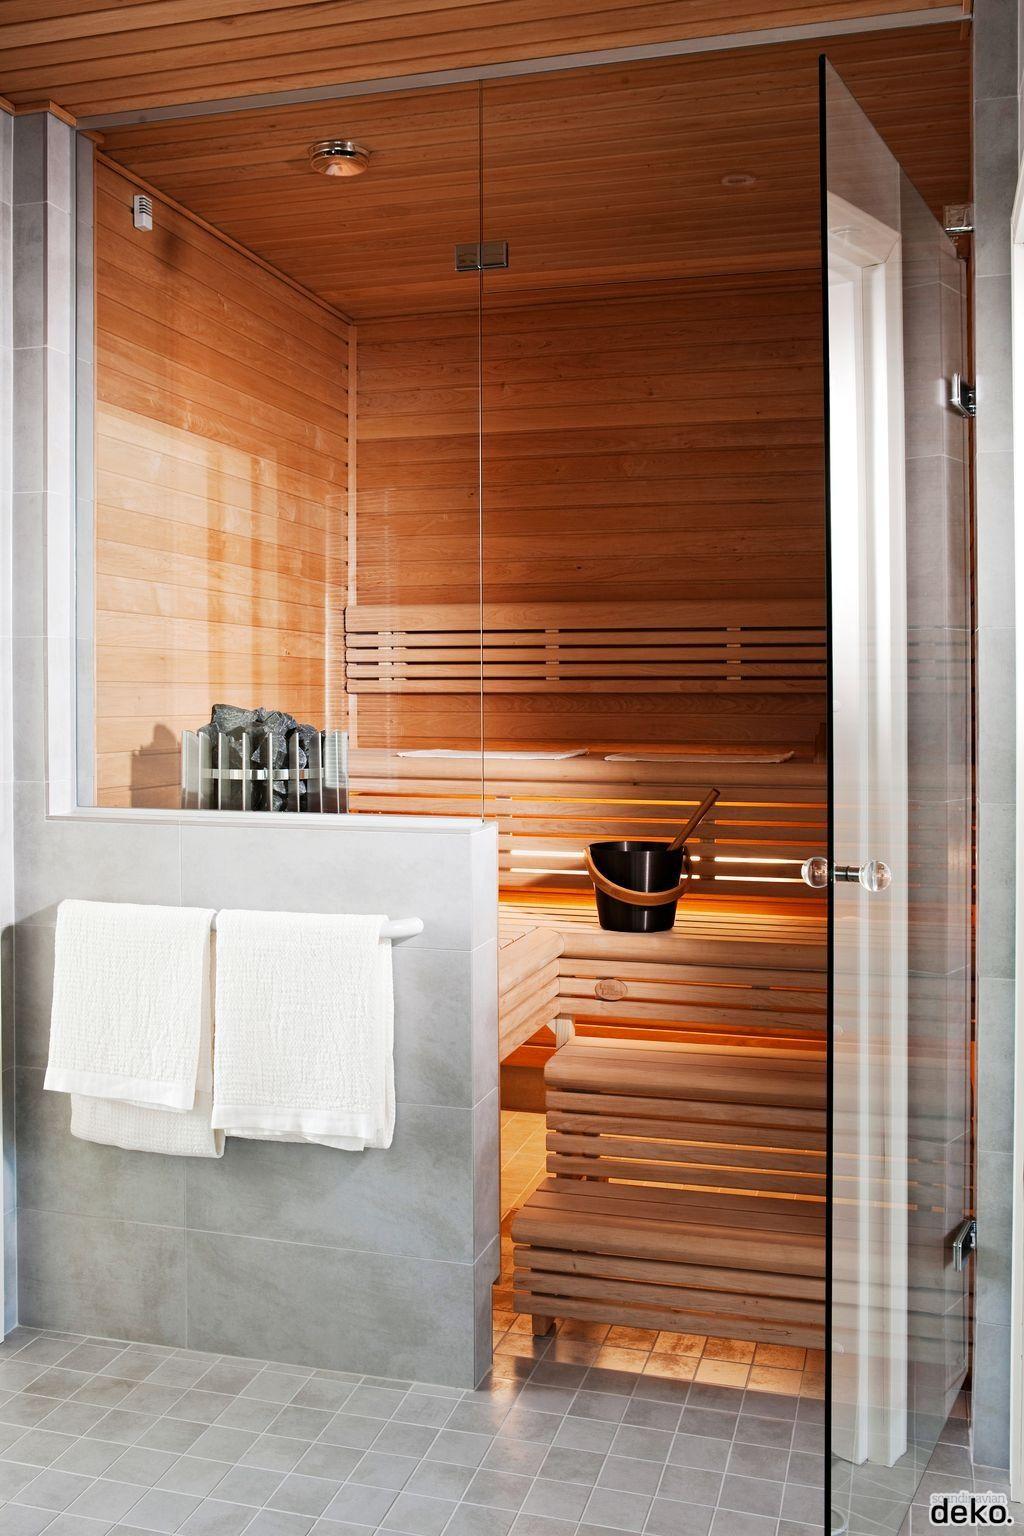 Blogit Badezimmer Mit Sauna Badezimmer Klein Badezimmer Renovieren